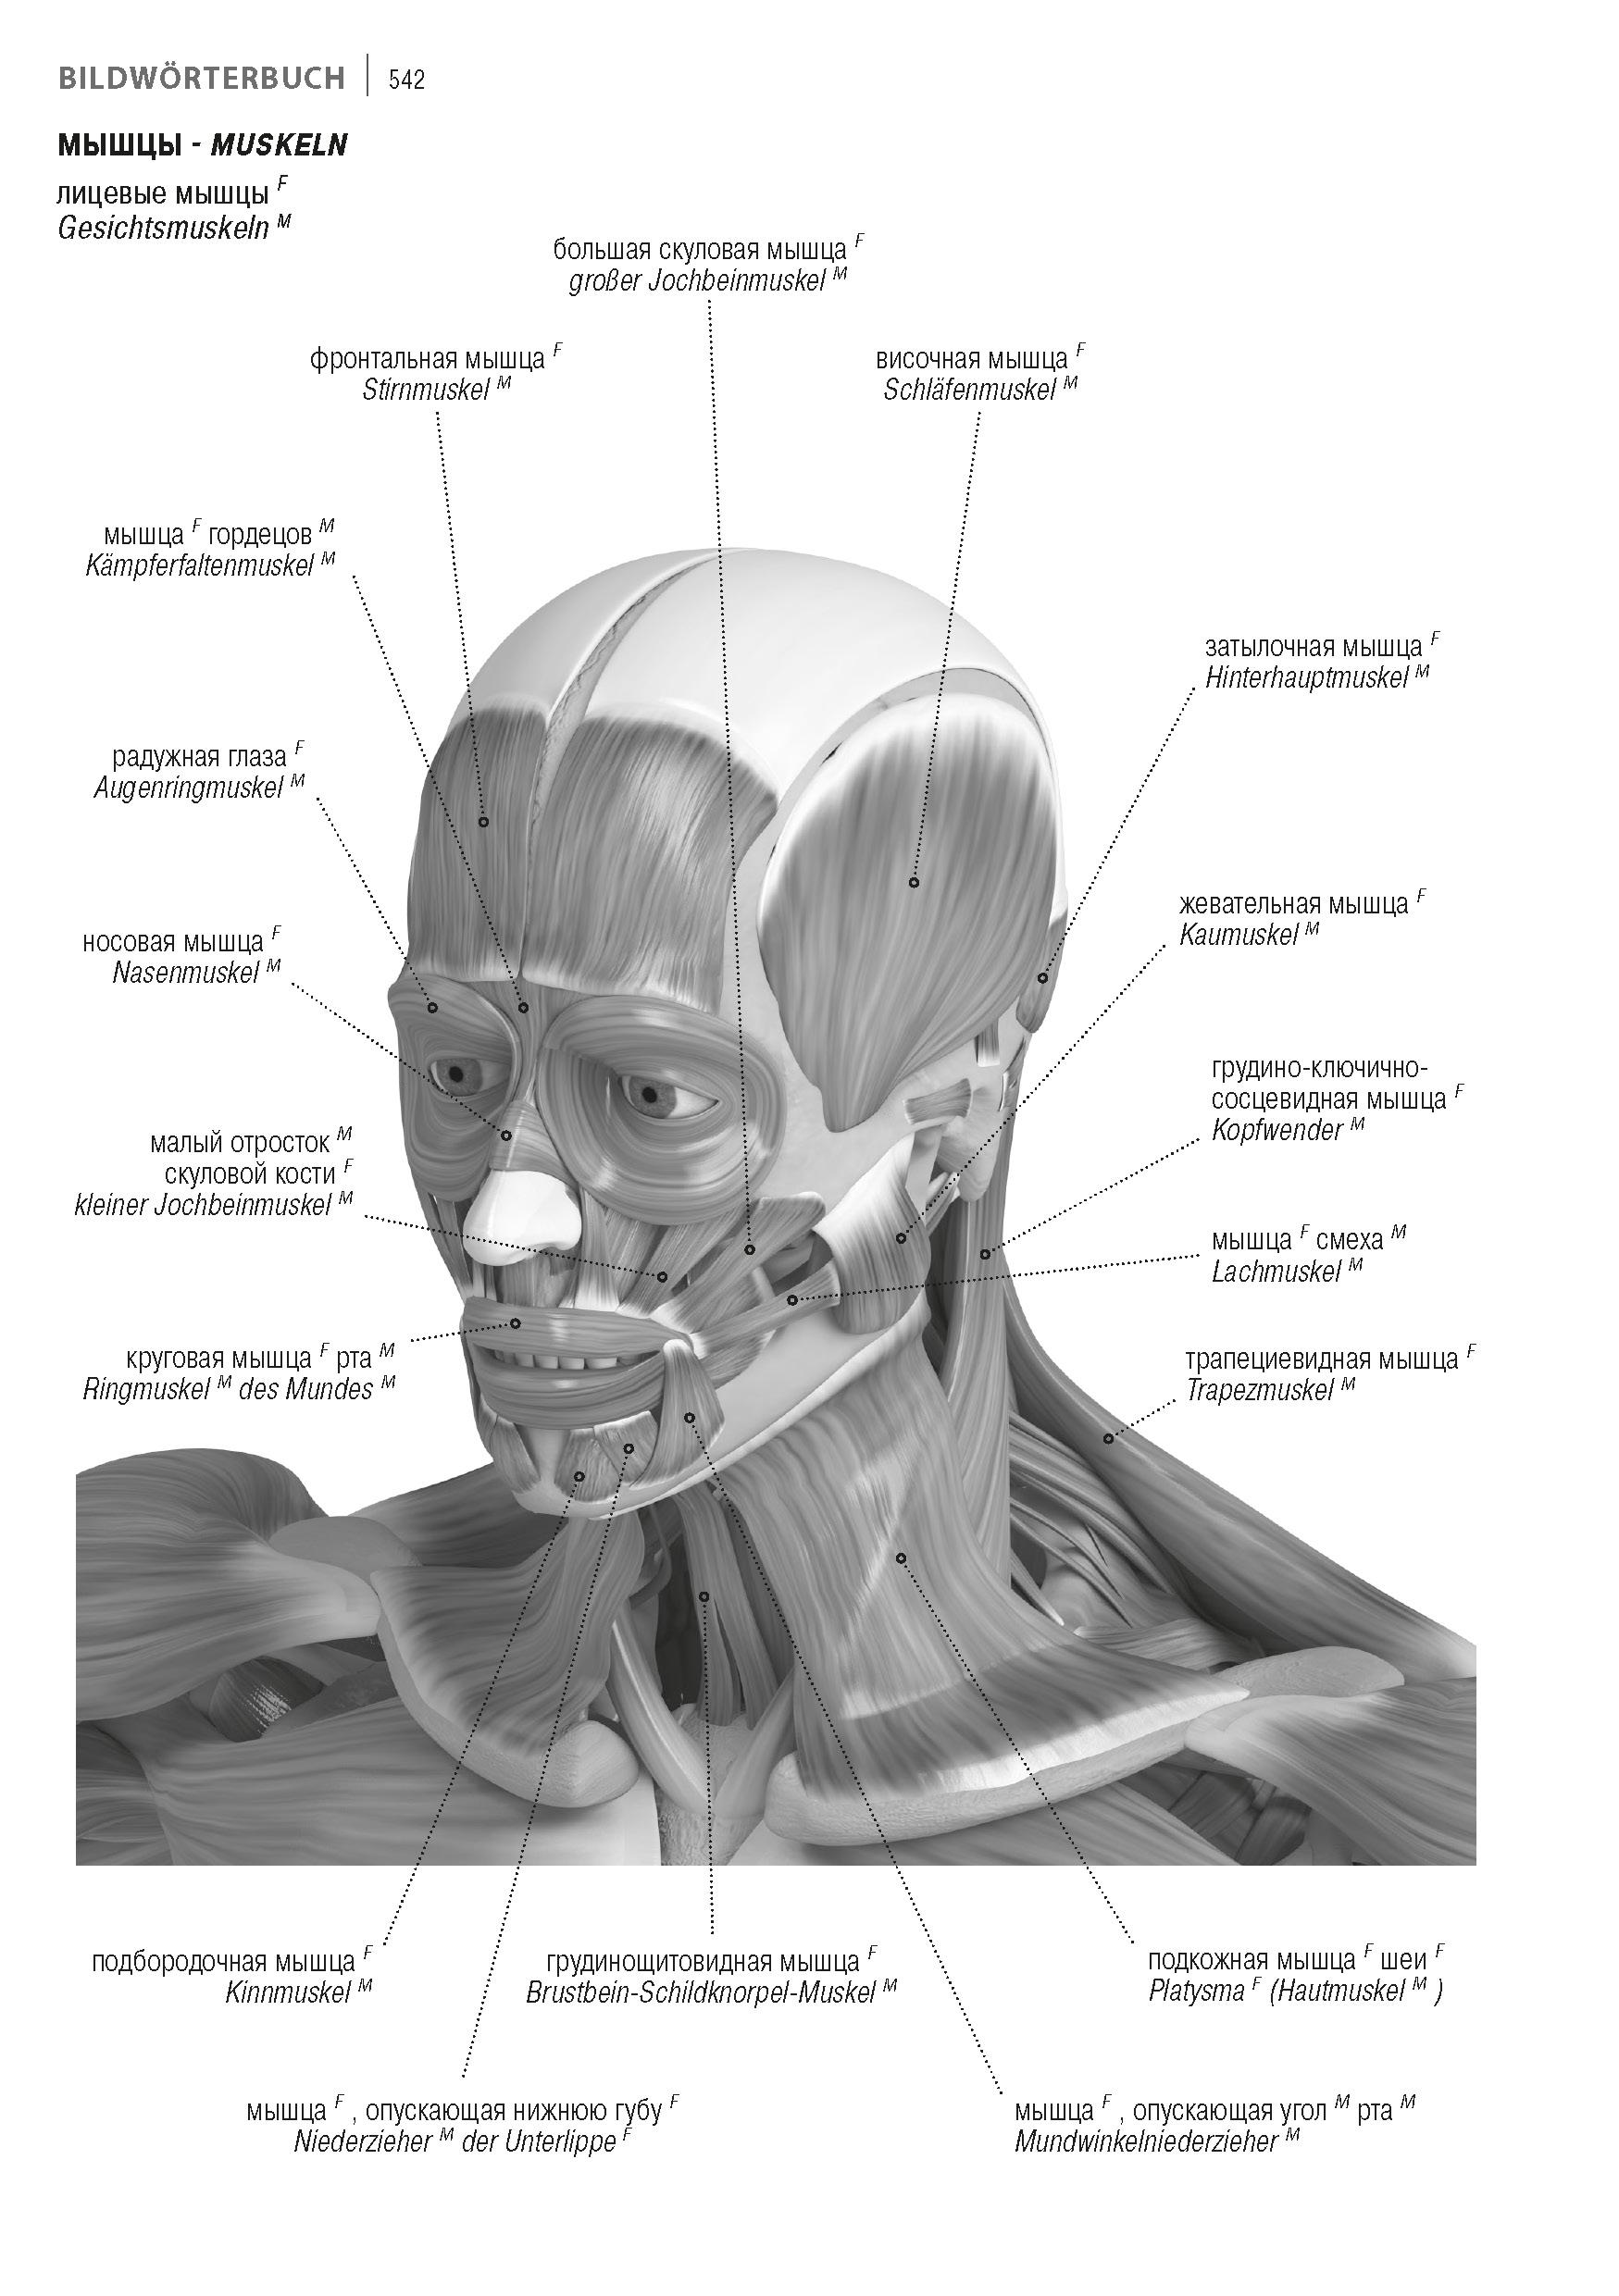 Ziemlich Anatomie Des Mundes Fotos - Anatomie Ideen - finotti.info